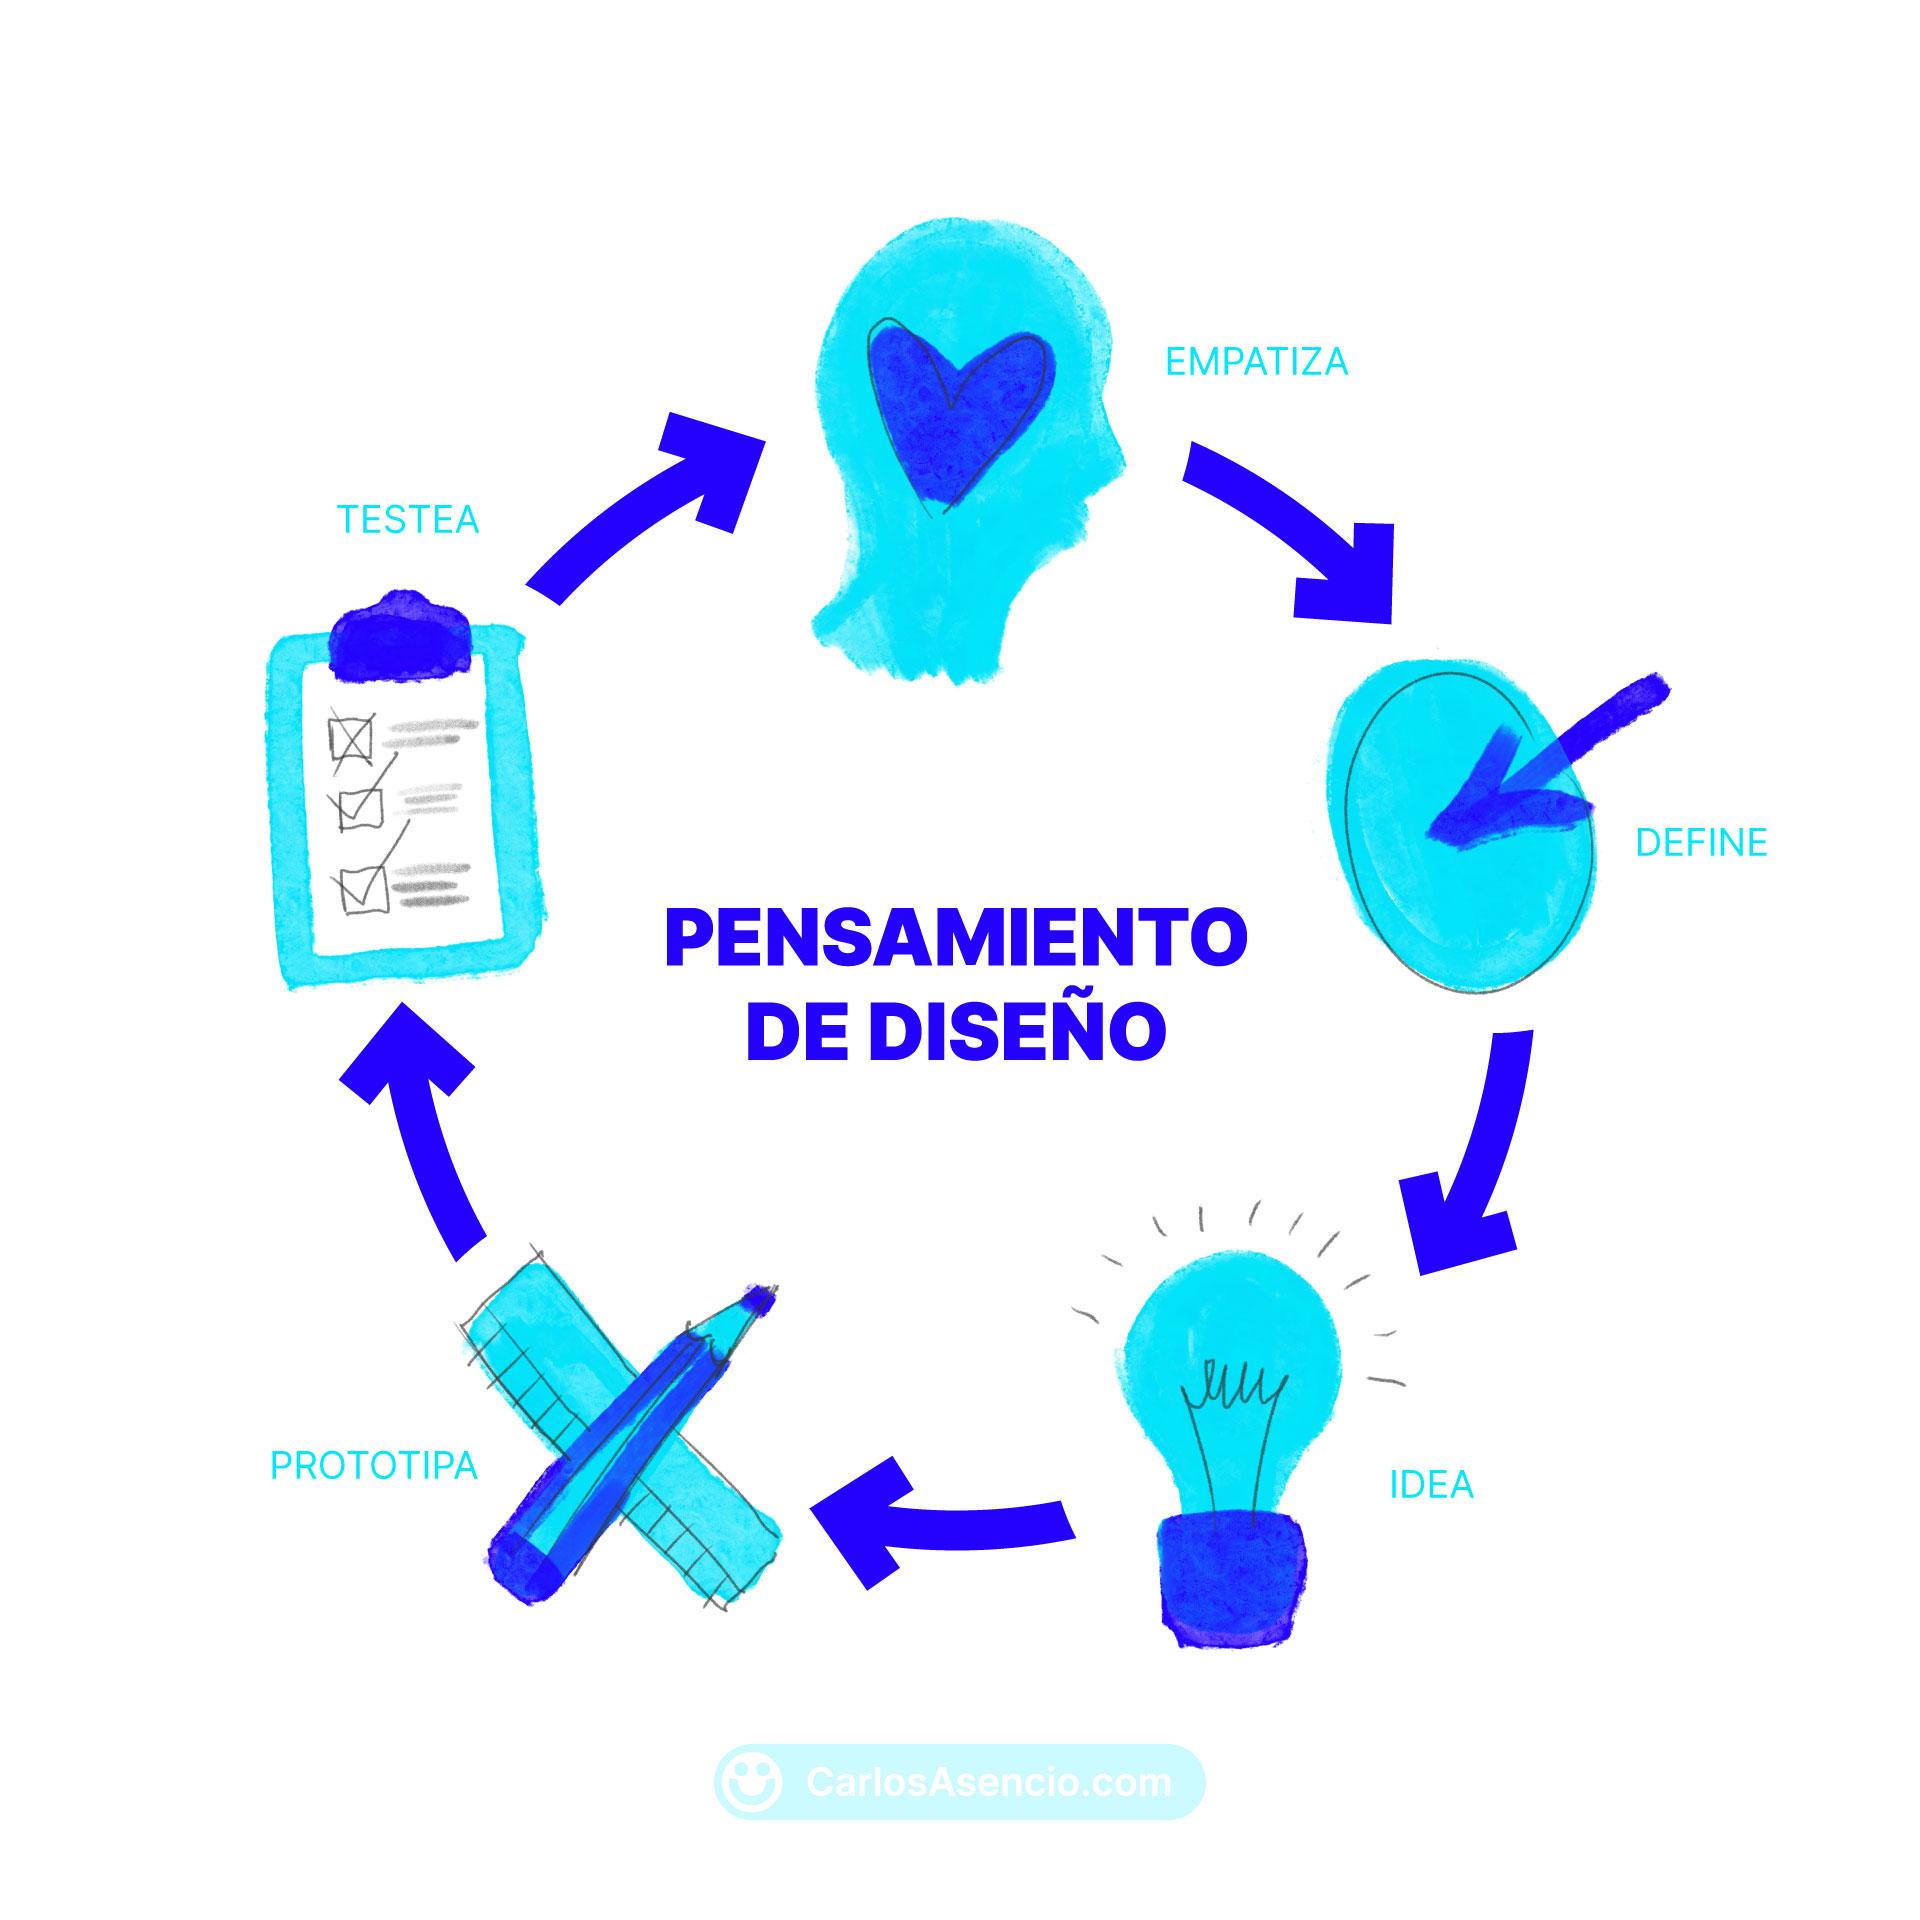 Esquema del proceso y fases del Pensamiento de Diseño o Design Thinking